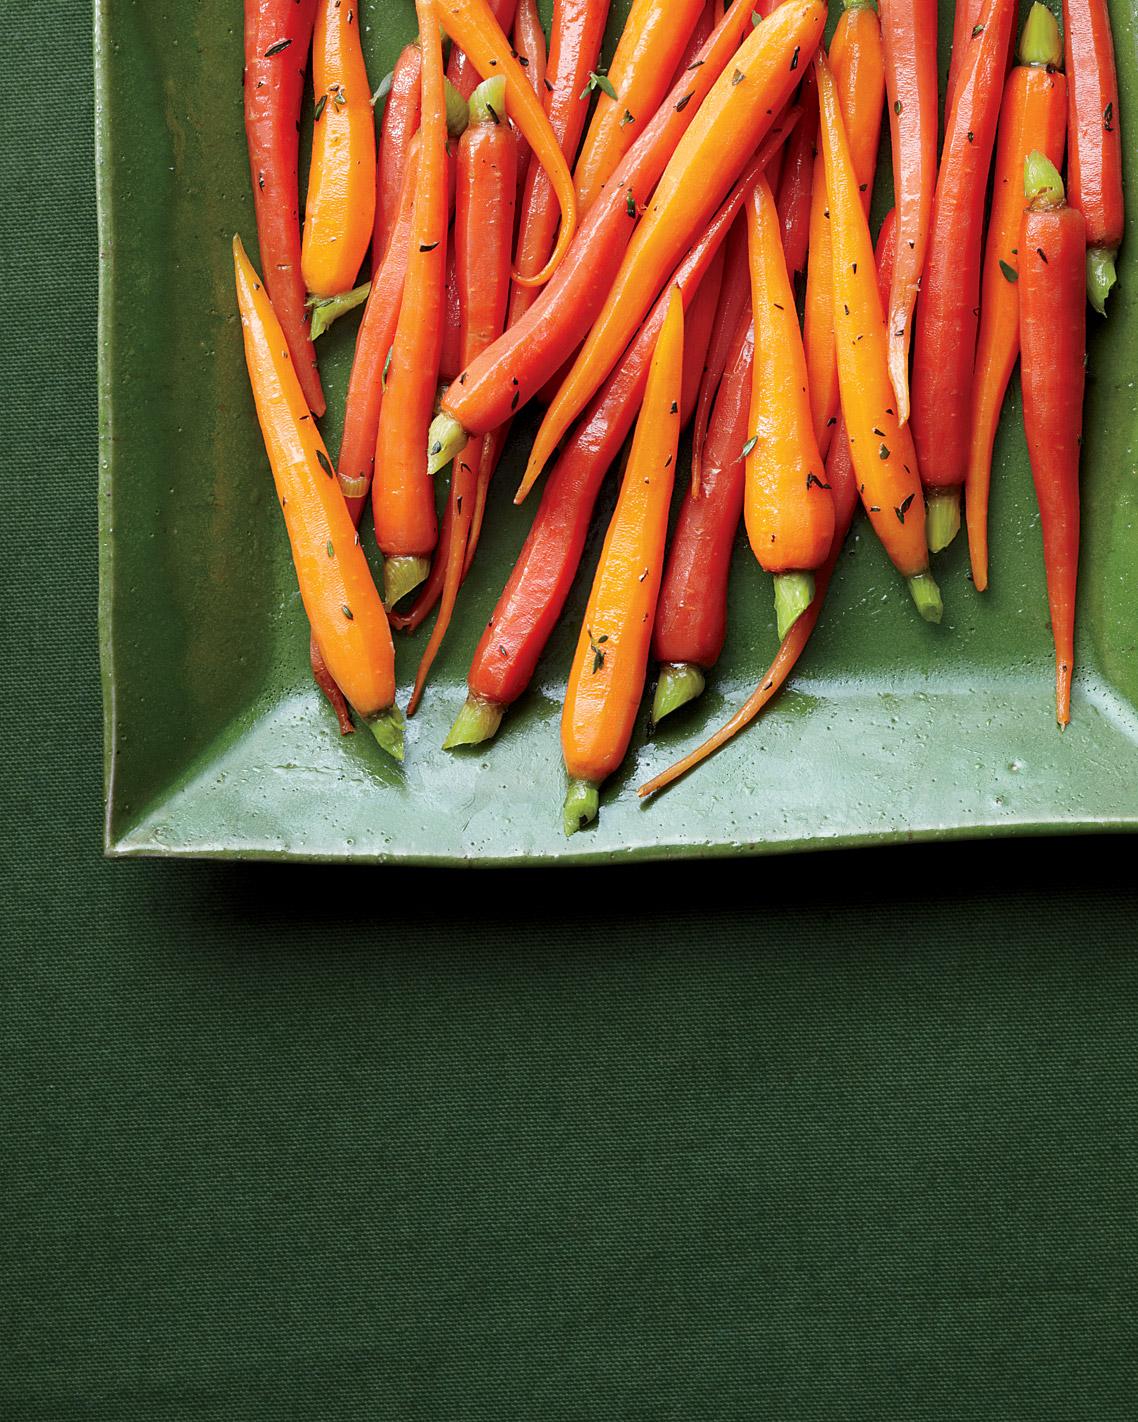 thanksgiving-carrots-med107616.jpg